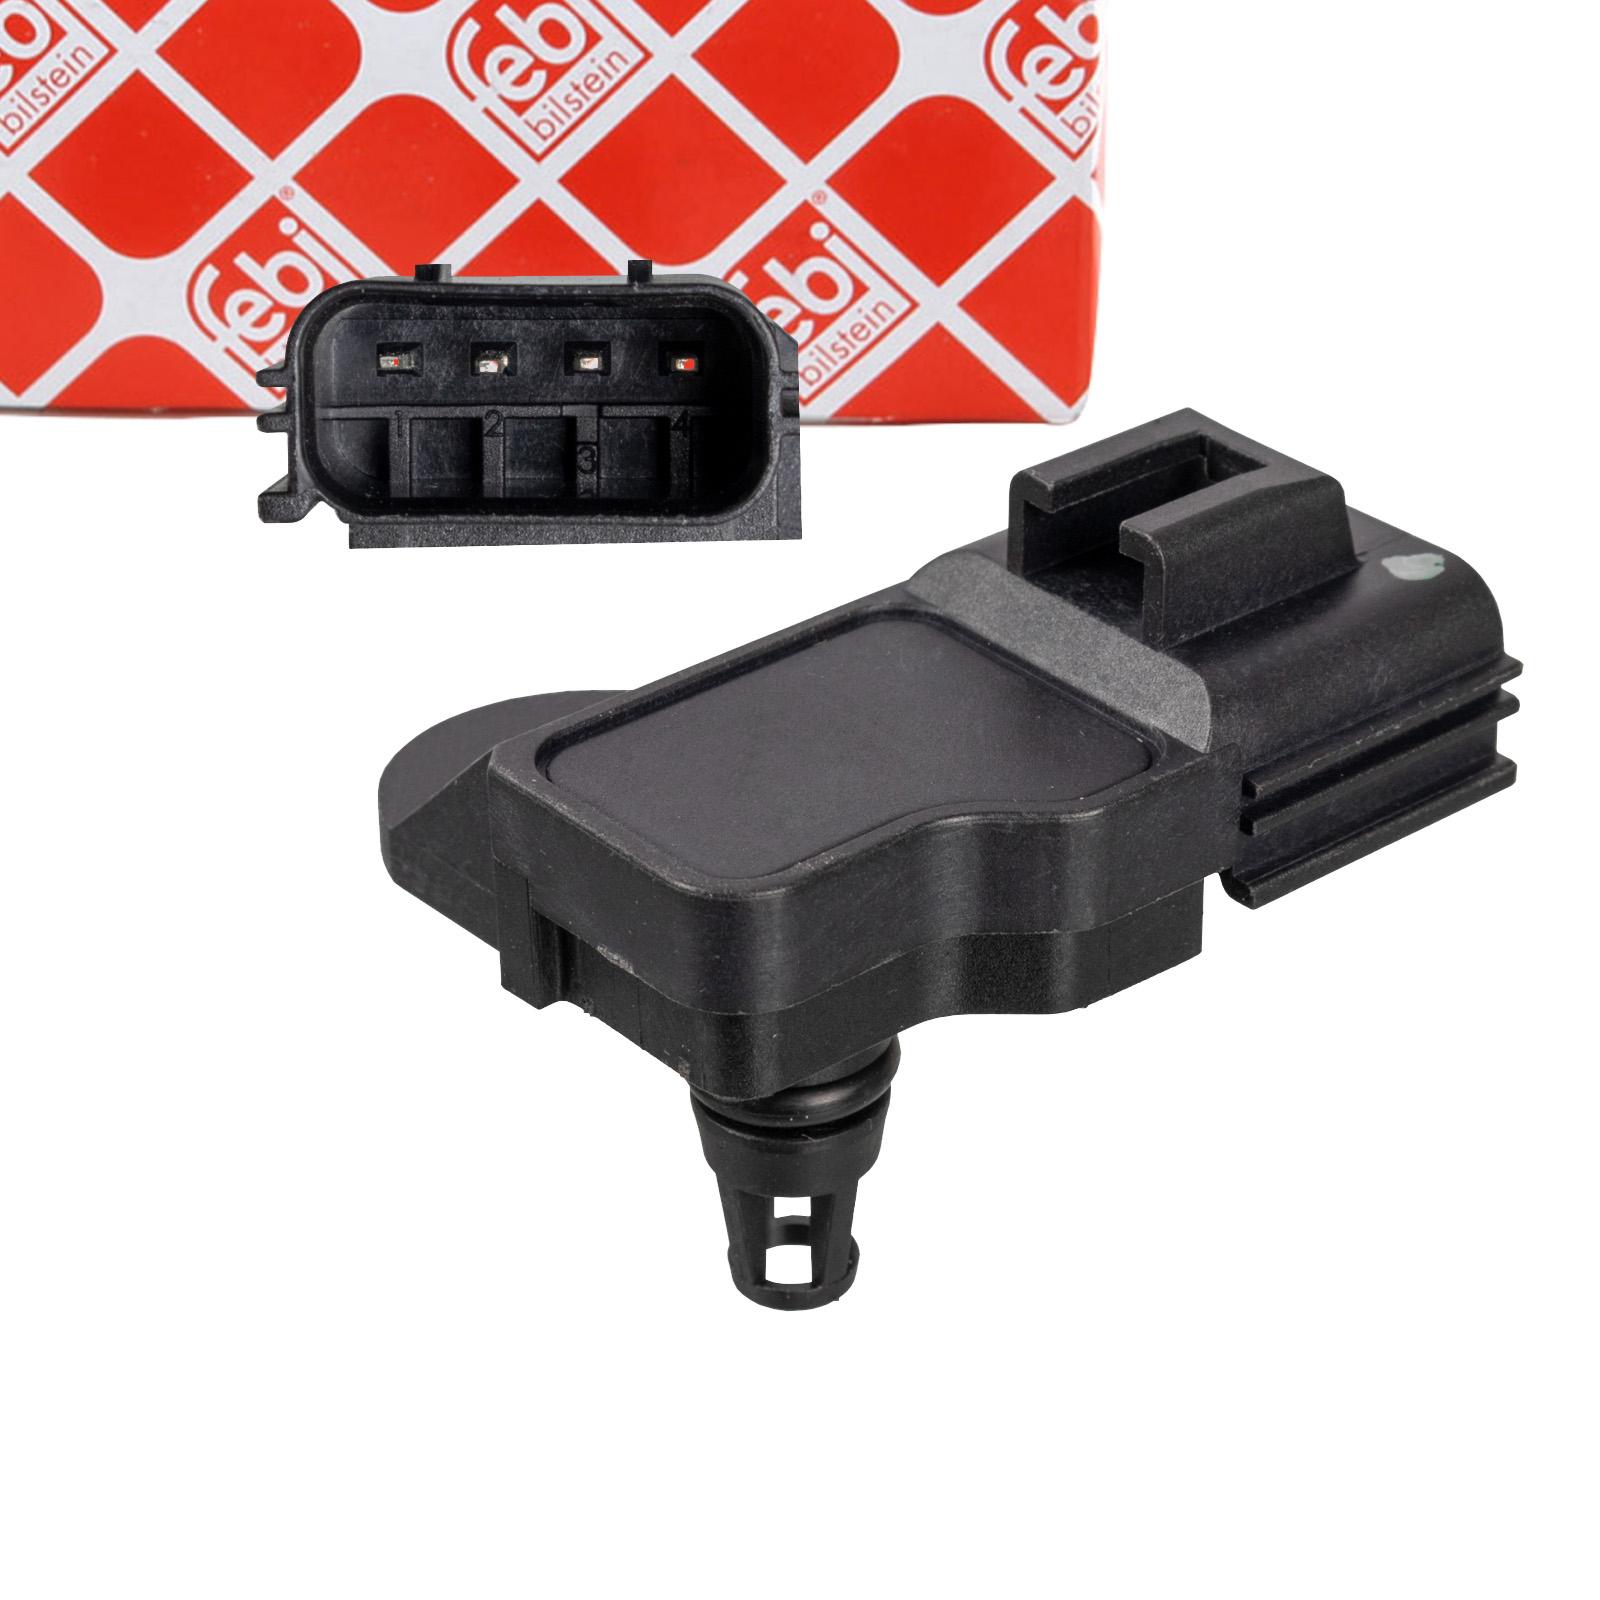 FEBI 106080 Saugrohrdrucksensor VOLVO C30 C70 2 S40 2 S60 2 S80 2 V60 1 V40 XC60 XC70 2